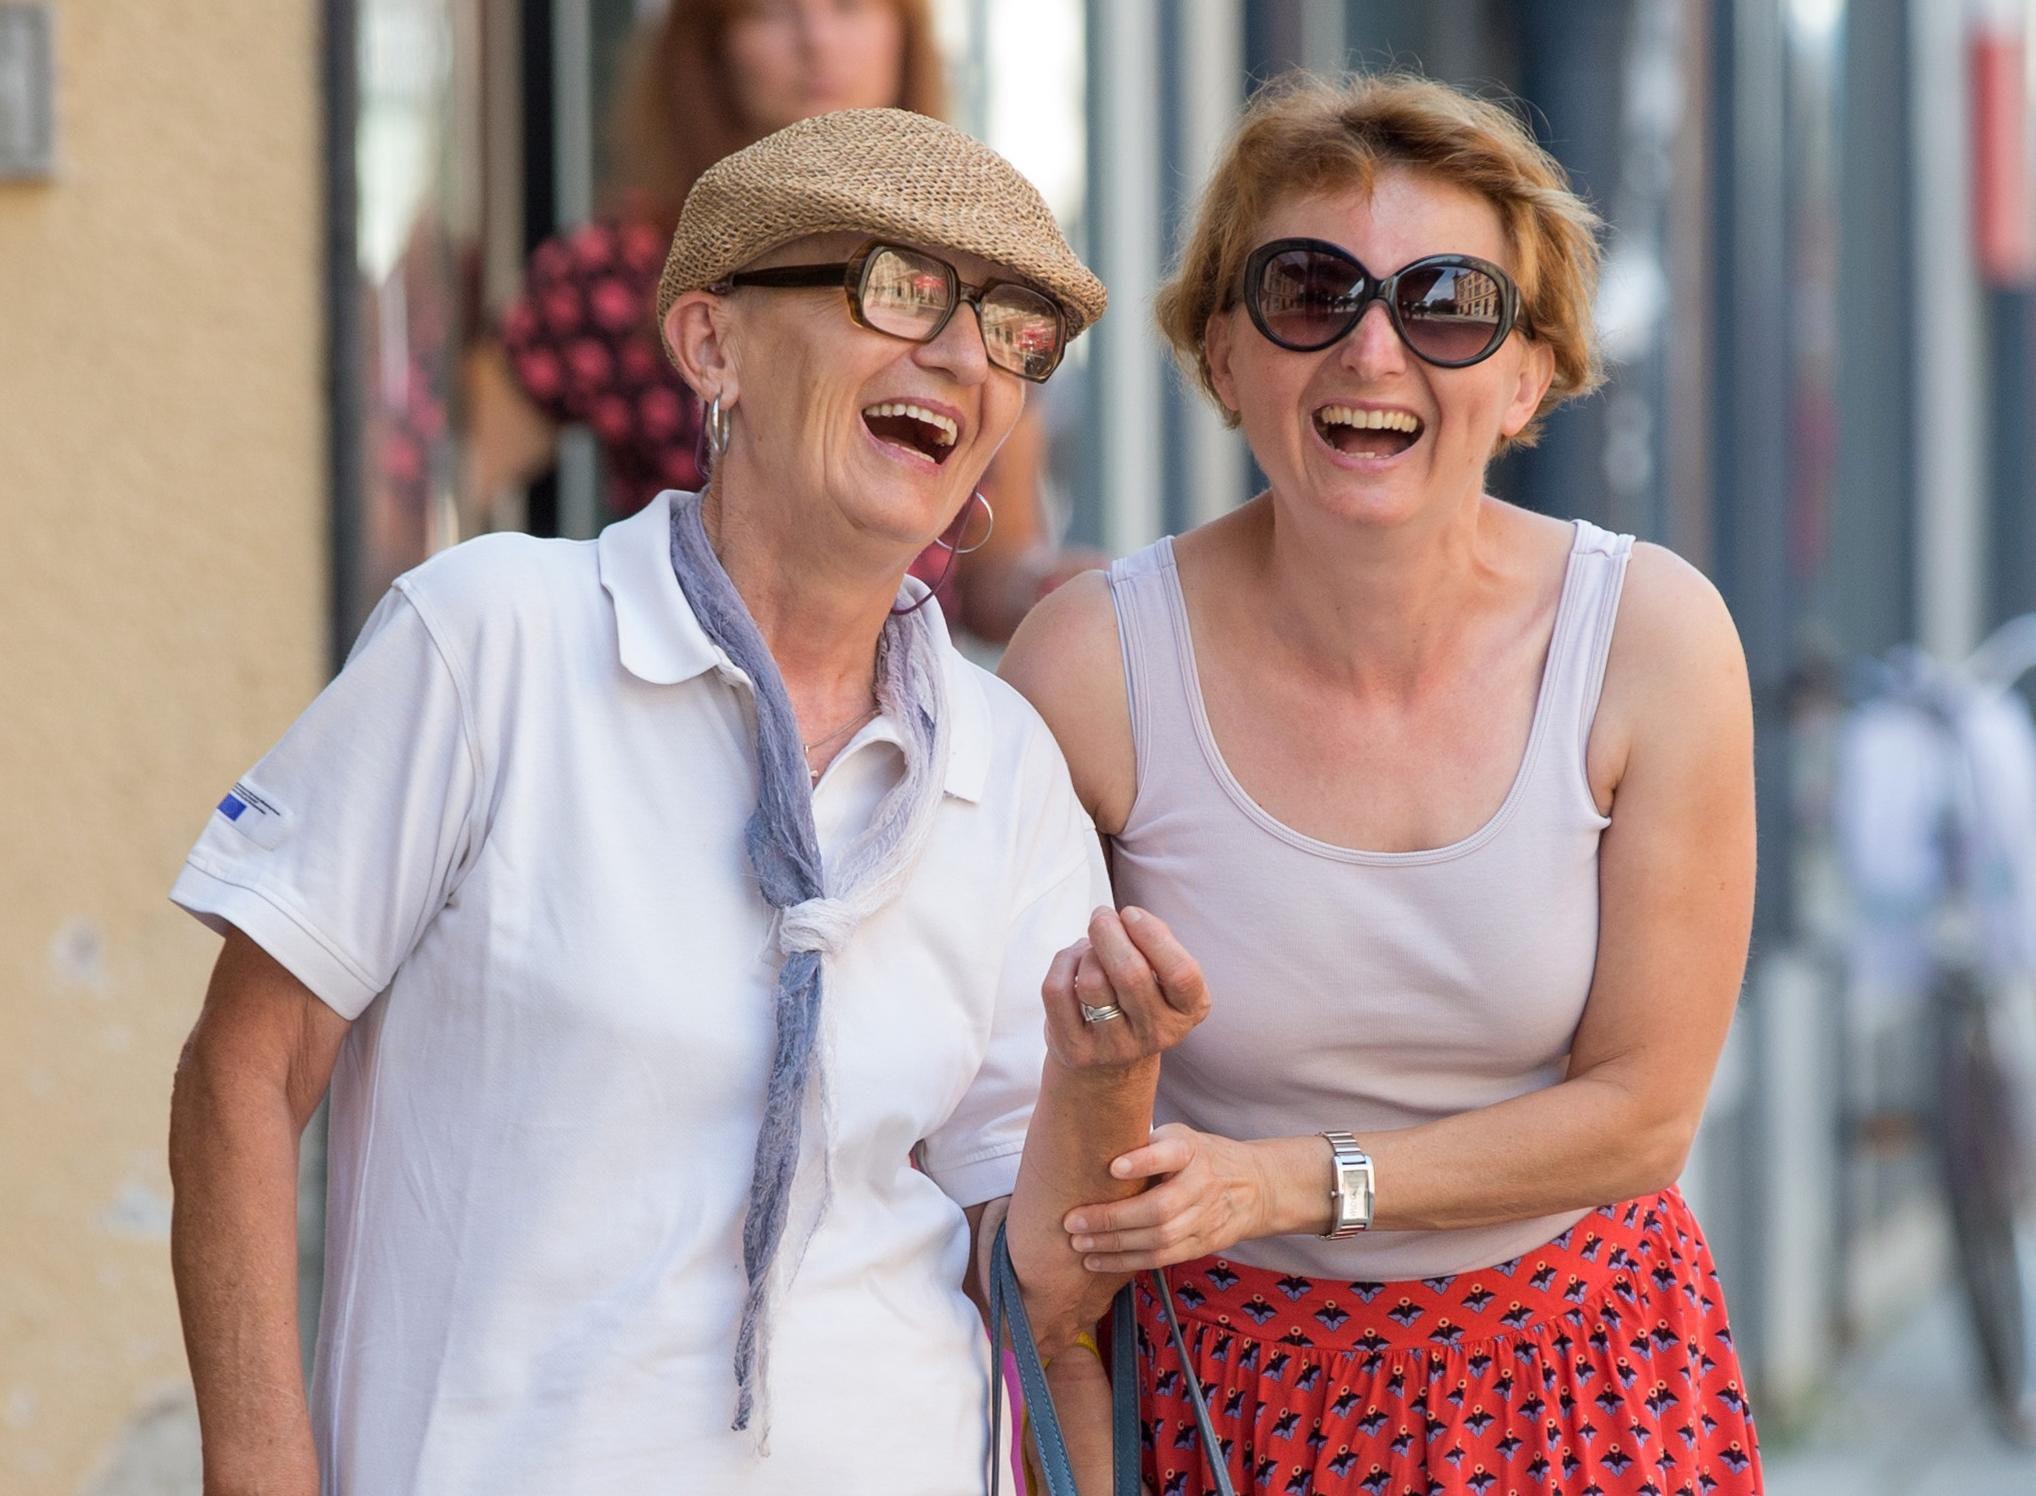 Učite od njih: Ove dvije nasmijane dame apsolutno su nam uljepšale dan!